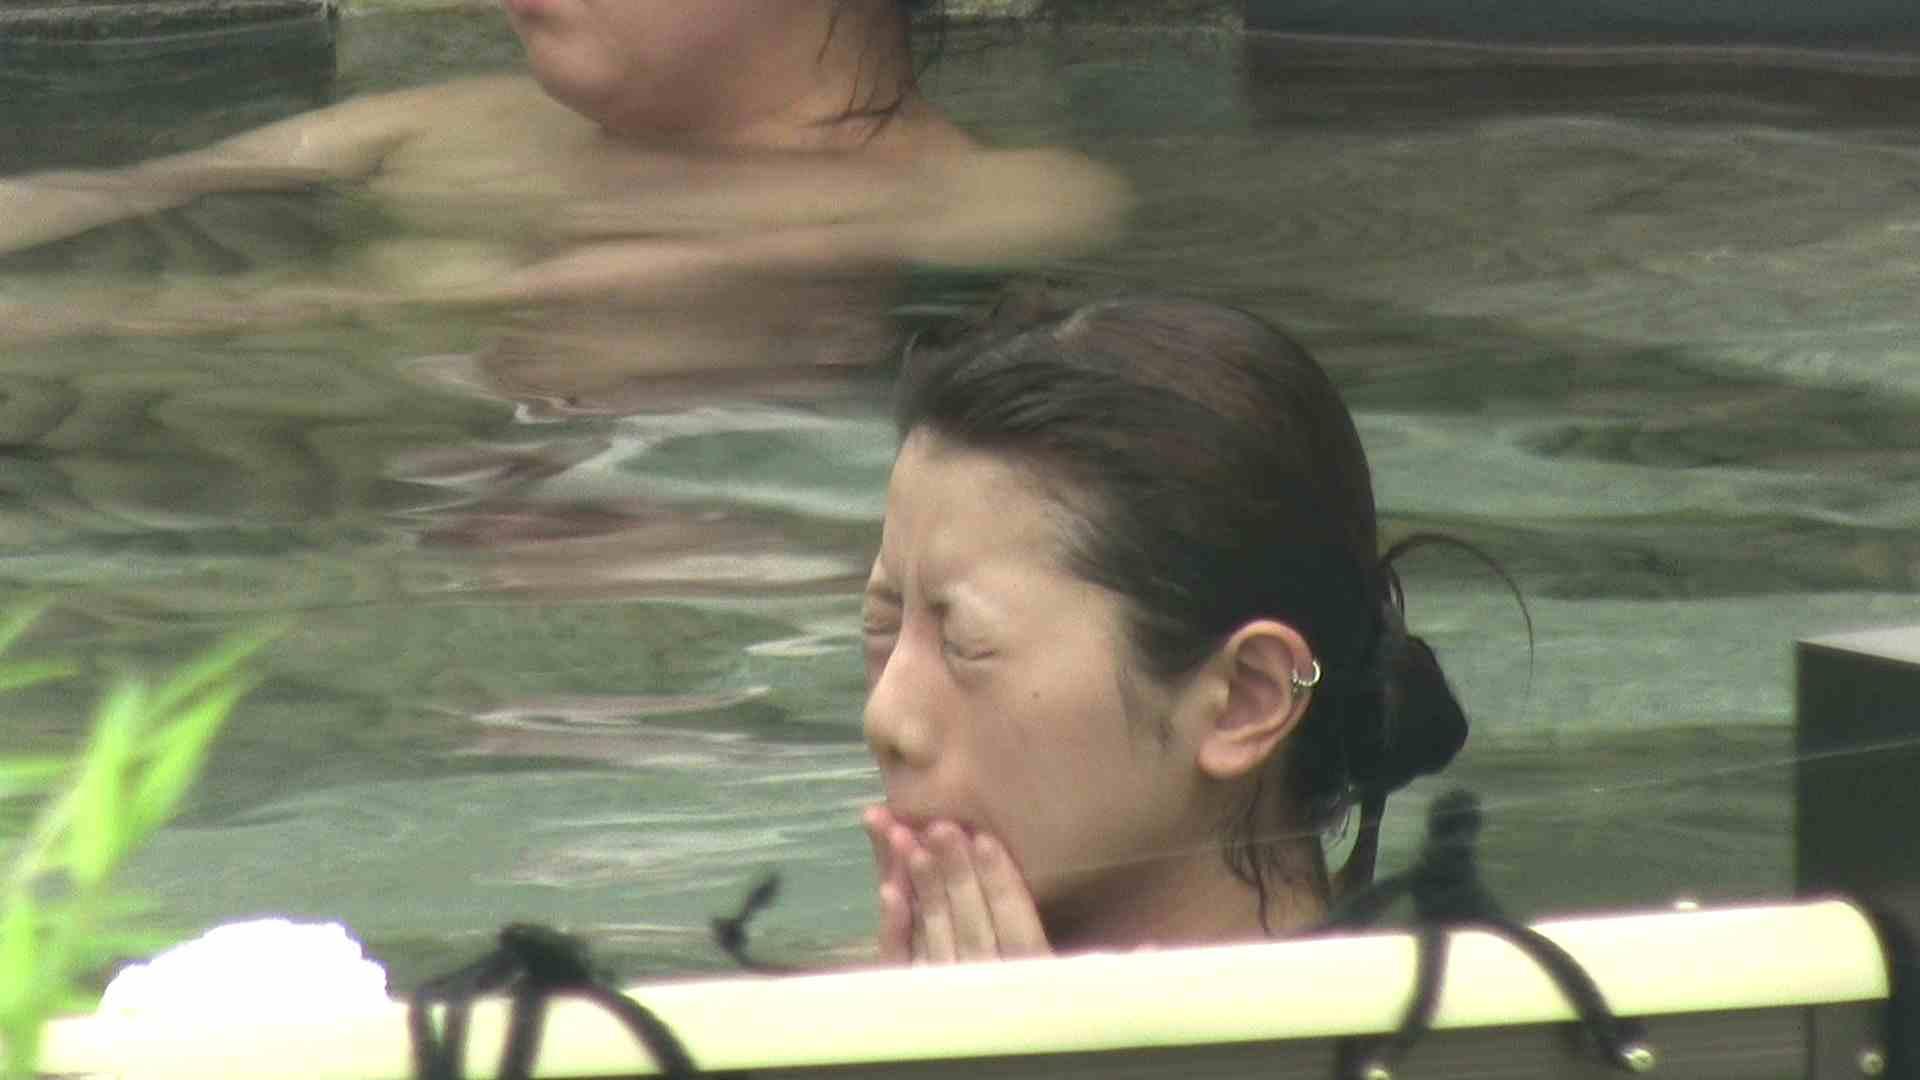 Aquaな露天風呂Vol.19【VIP】 美しいOLの裸体   盗撮師作品  106pic 79